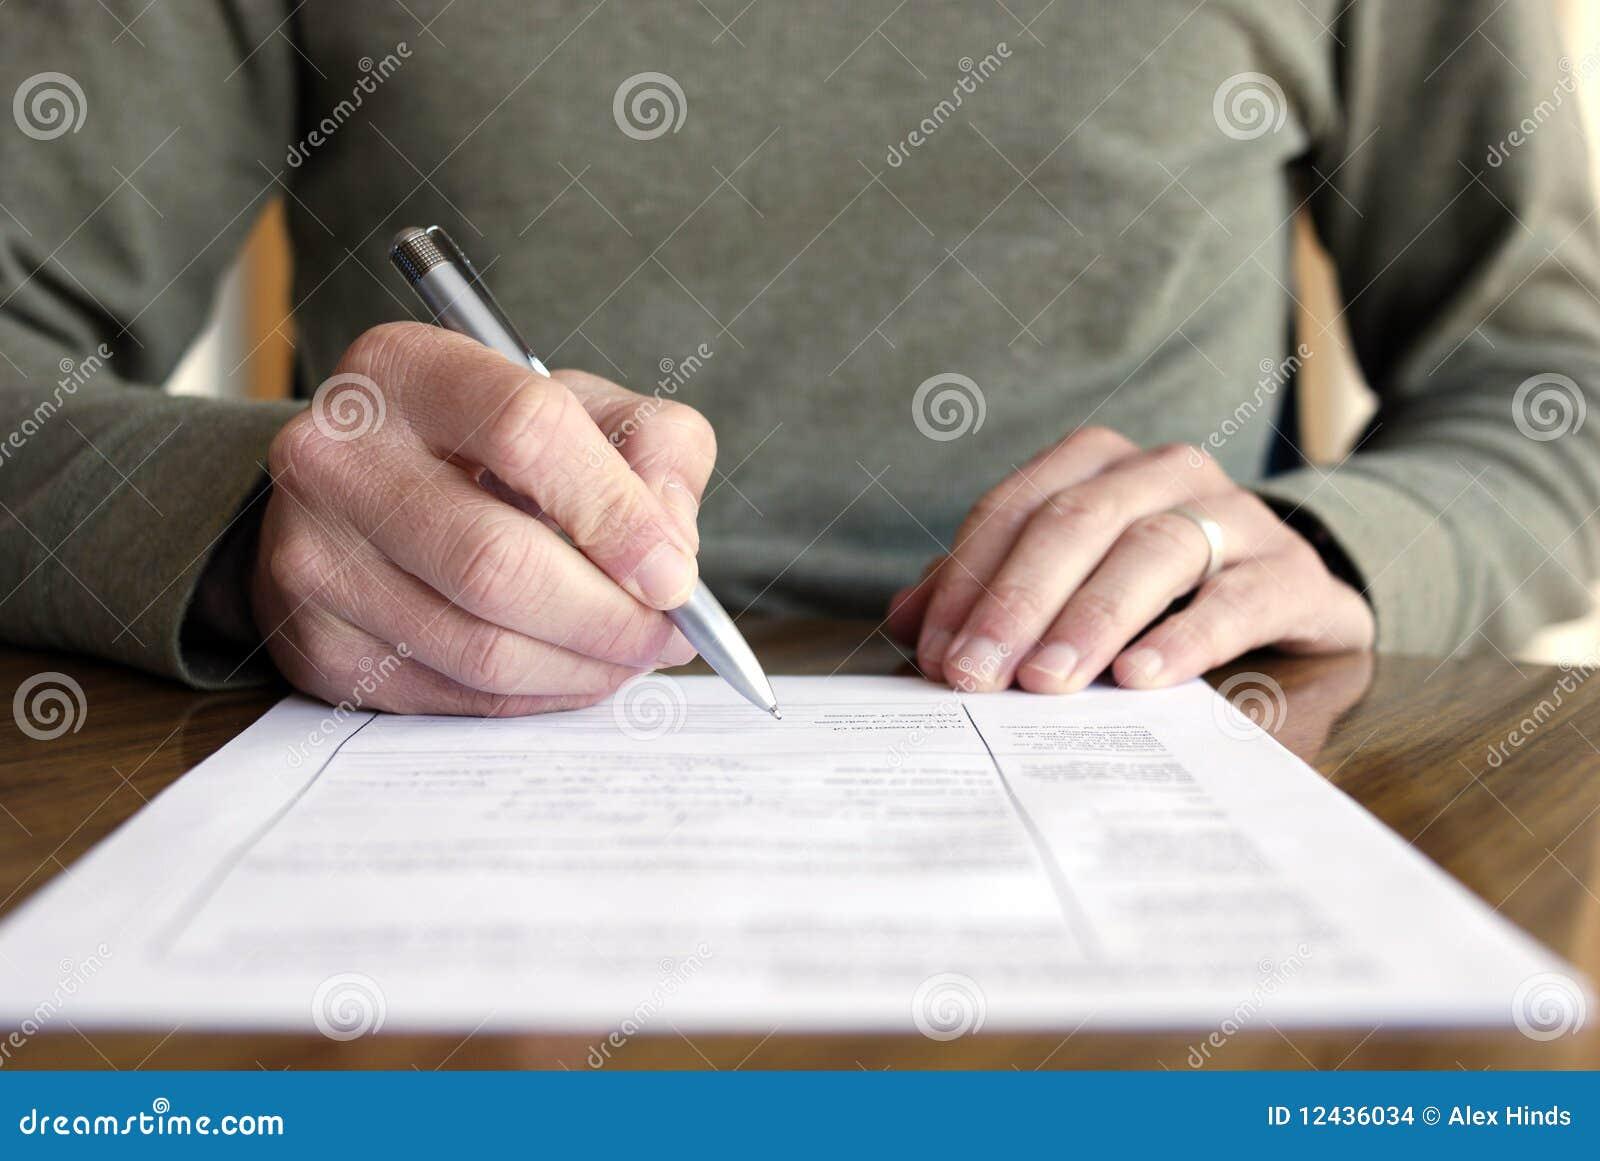 Écriture d homme sur le papier avec le crayon lecteur sur le Tableau